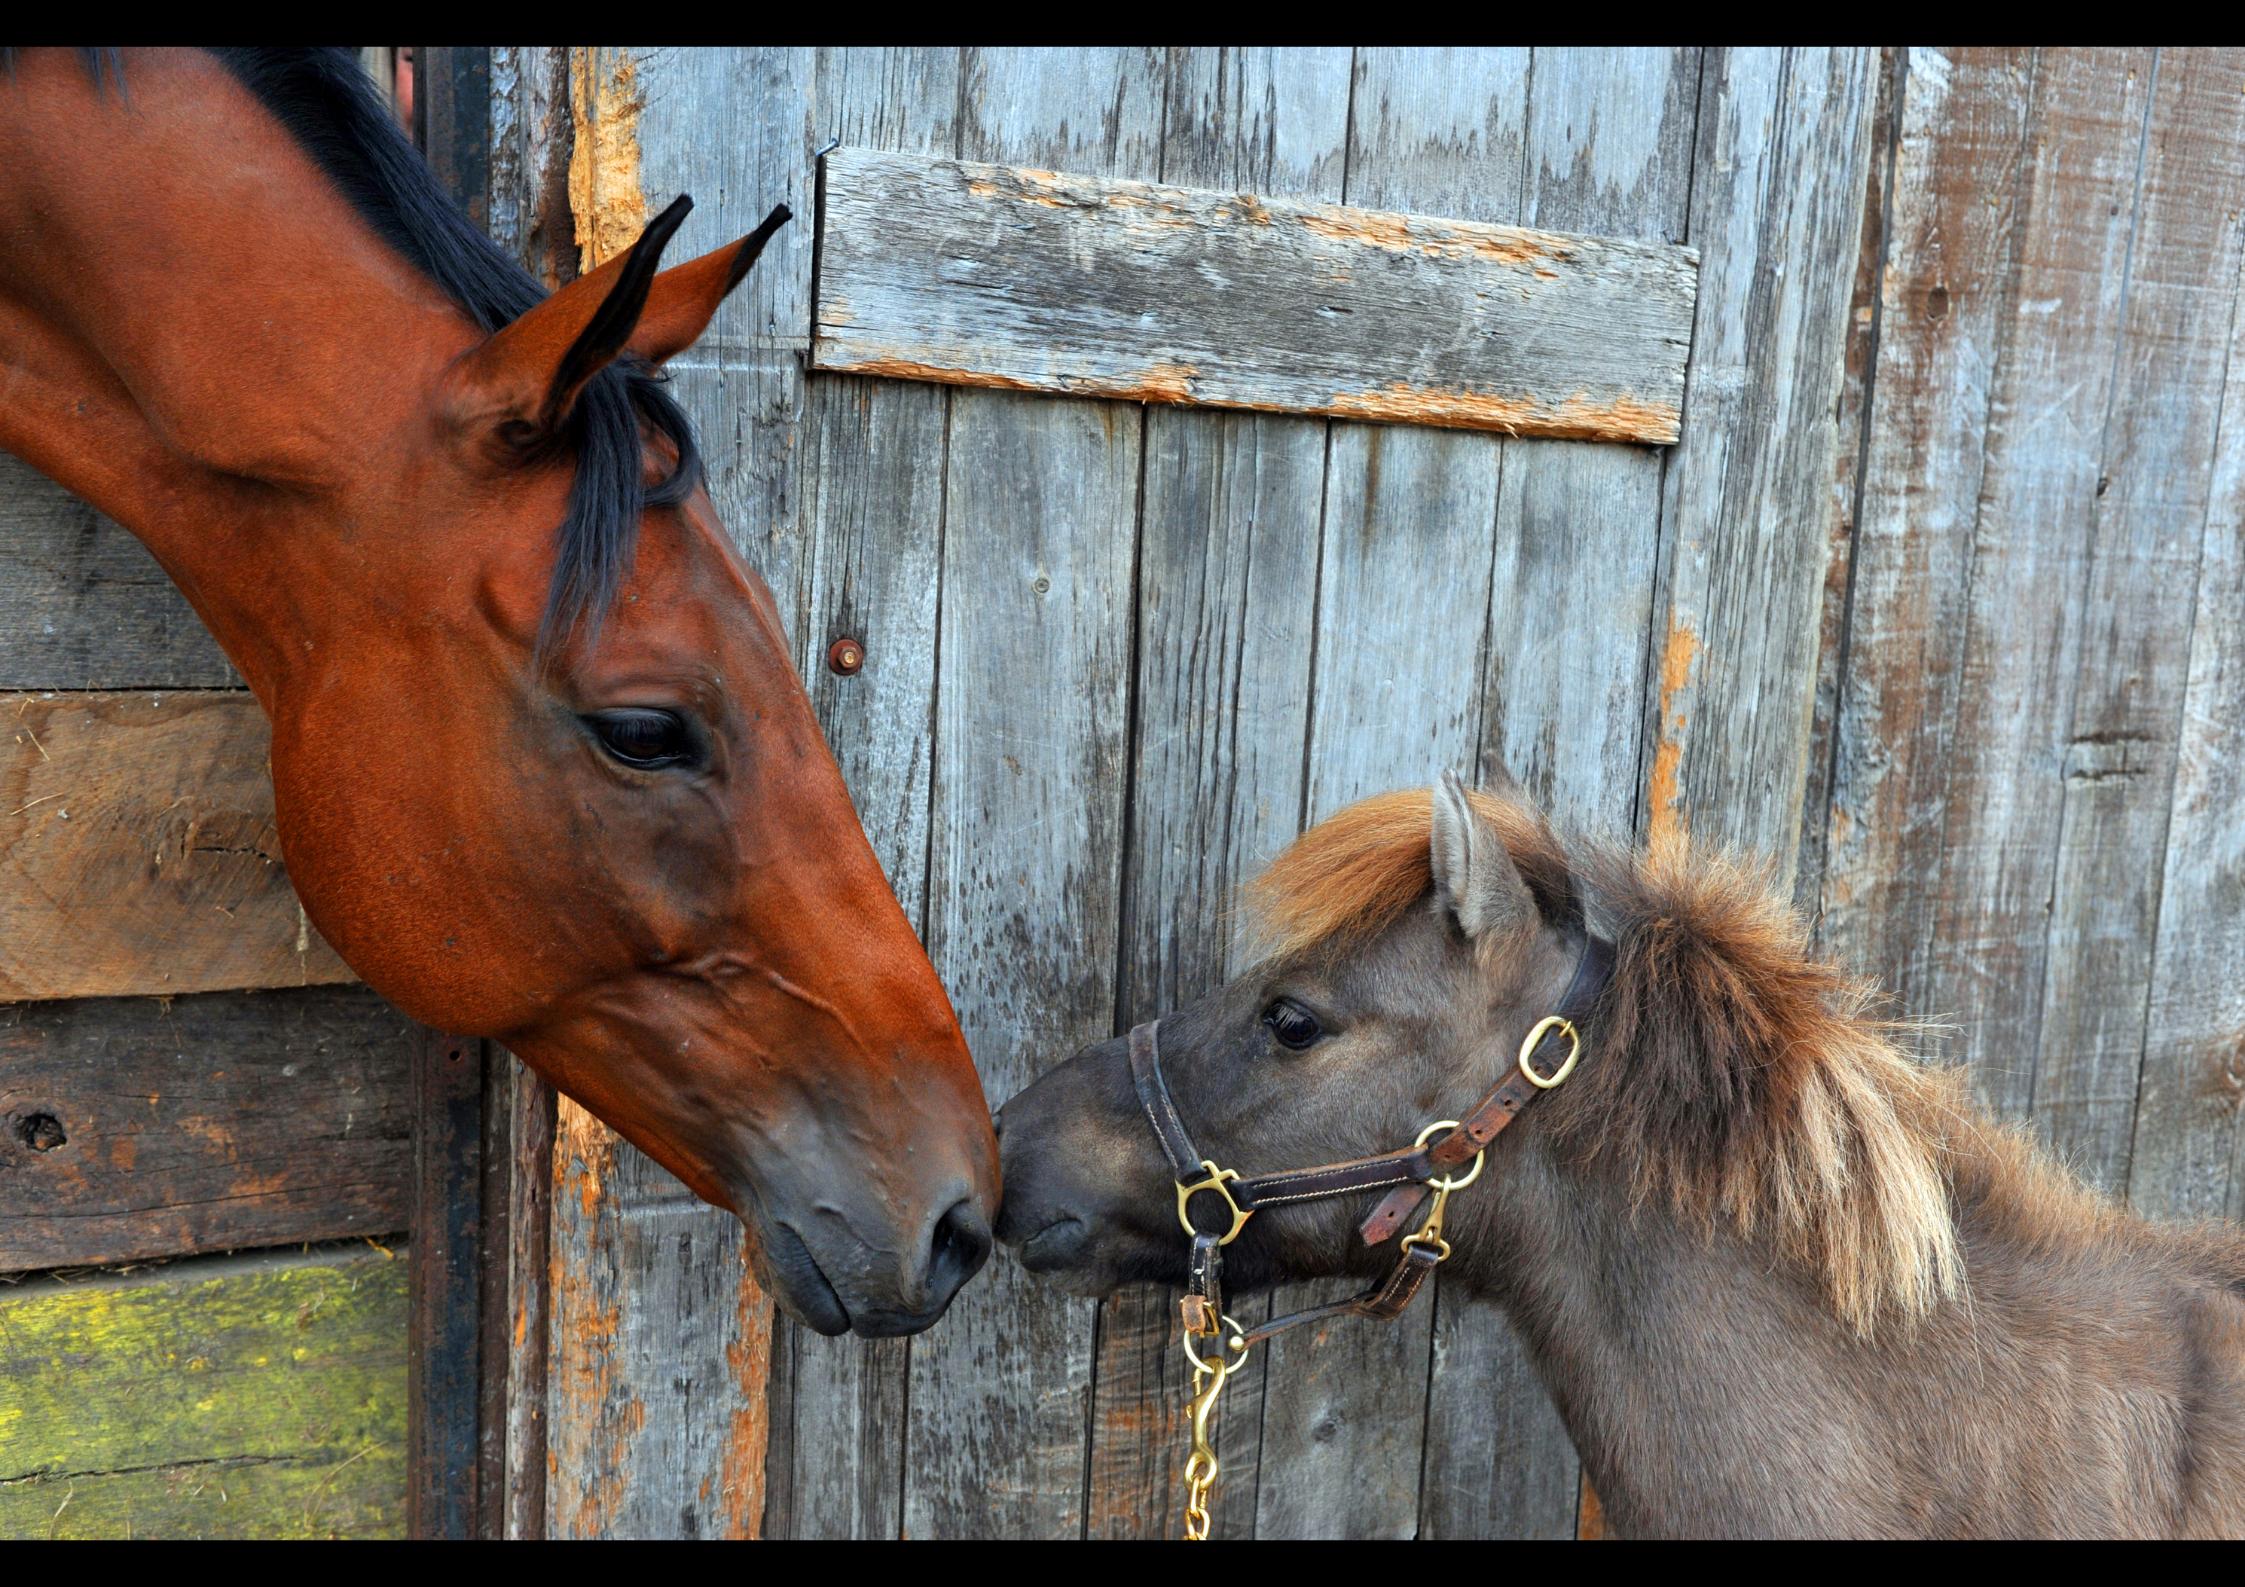 Astma paard 1